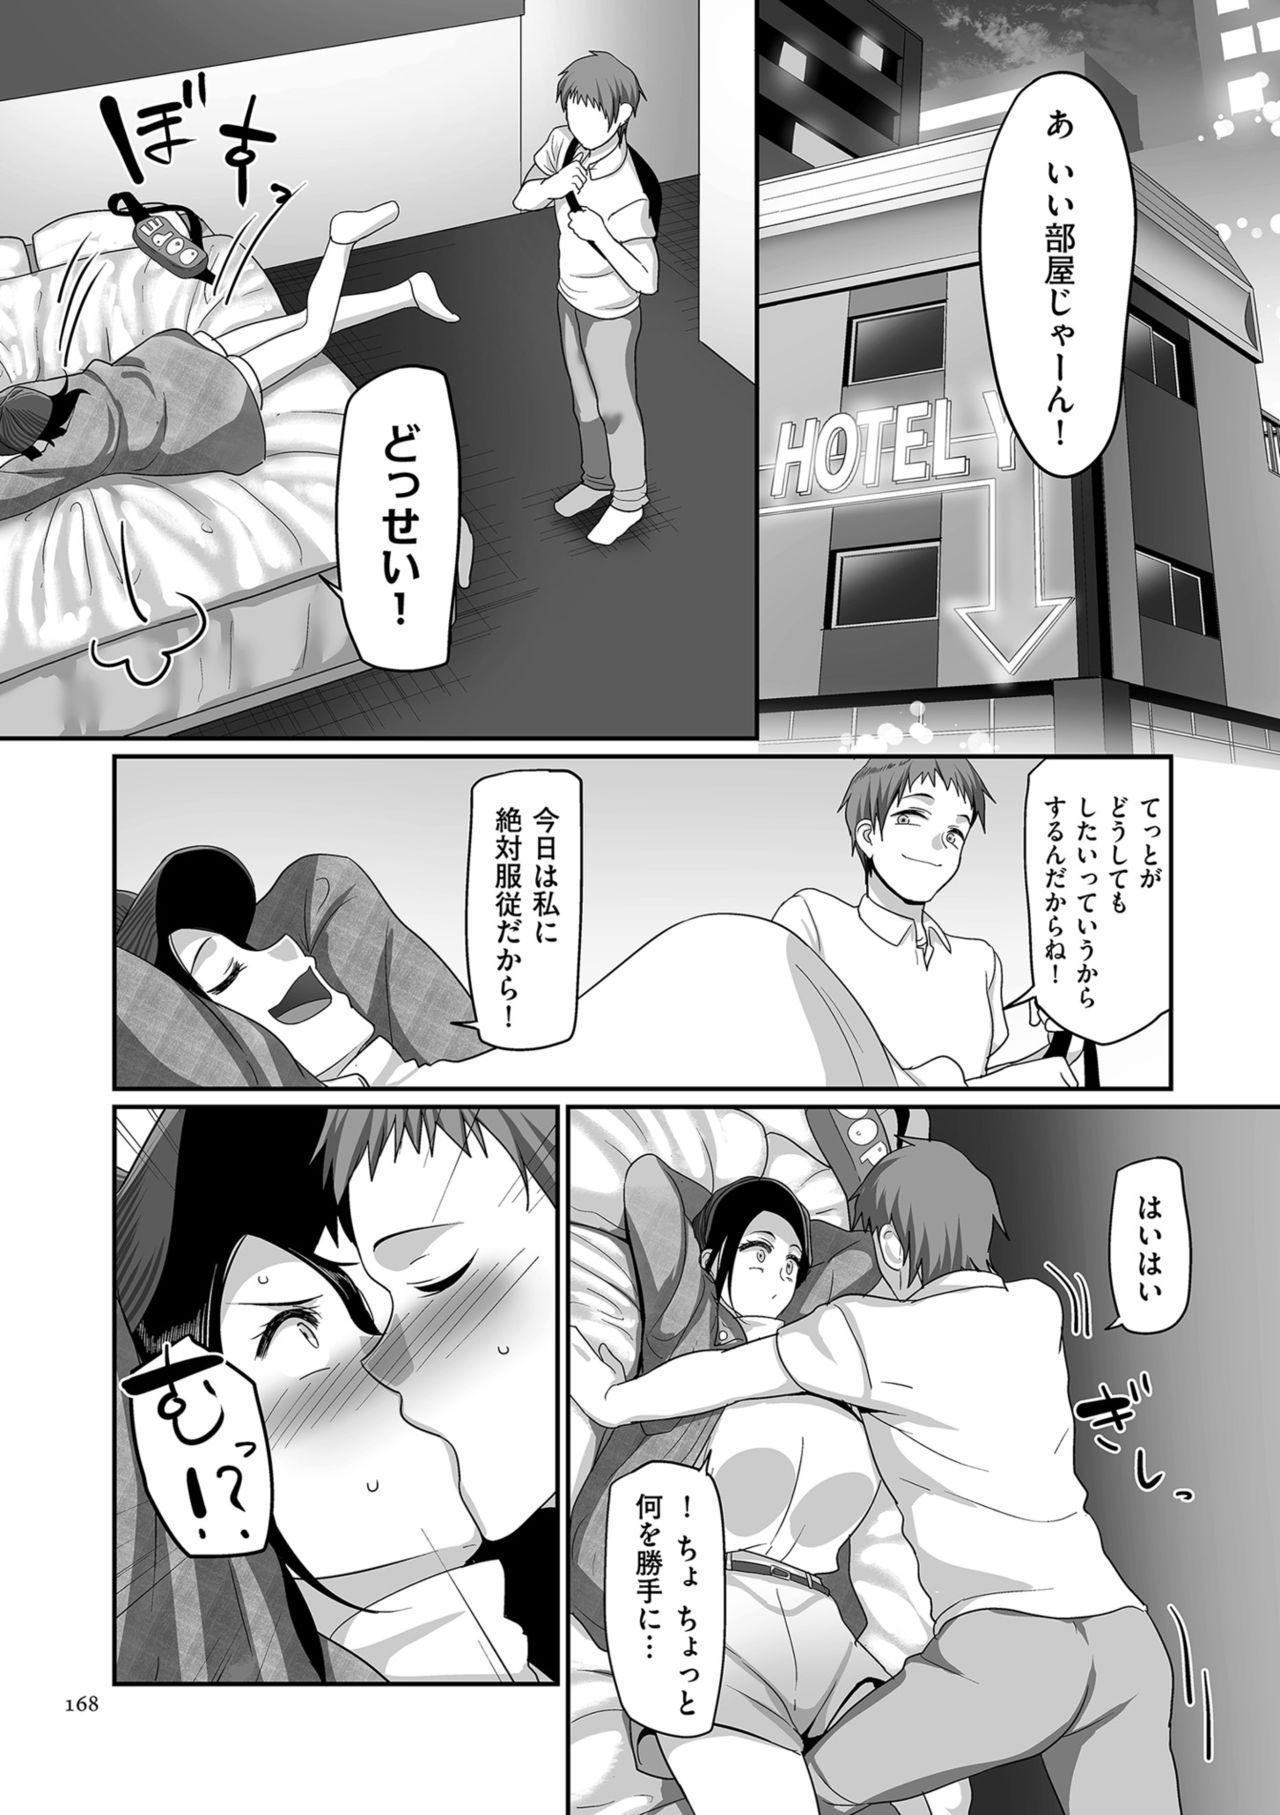 [Yamamoto Zenzen] S-ken K-shi Shakaijin Joshi Volleyball Circle no Jijou [Digital] 167